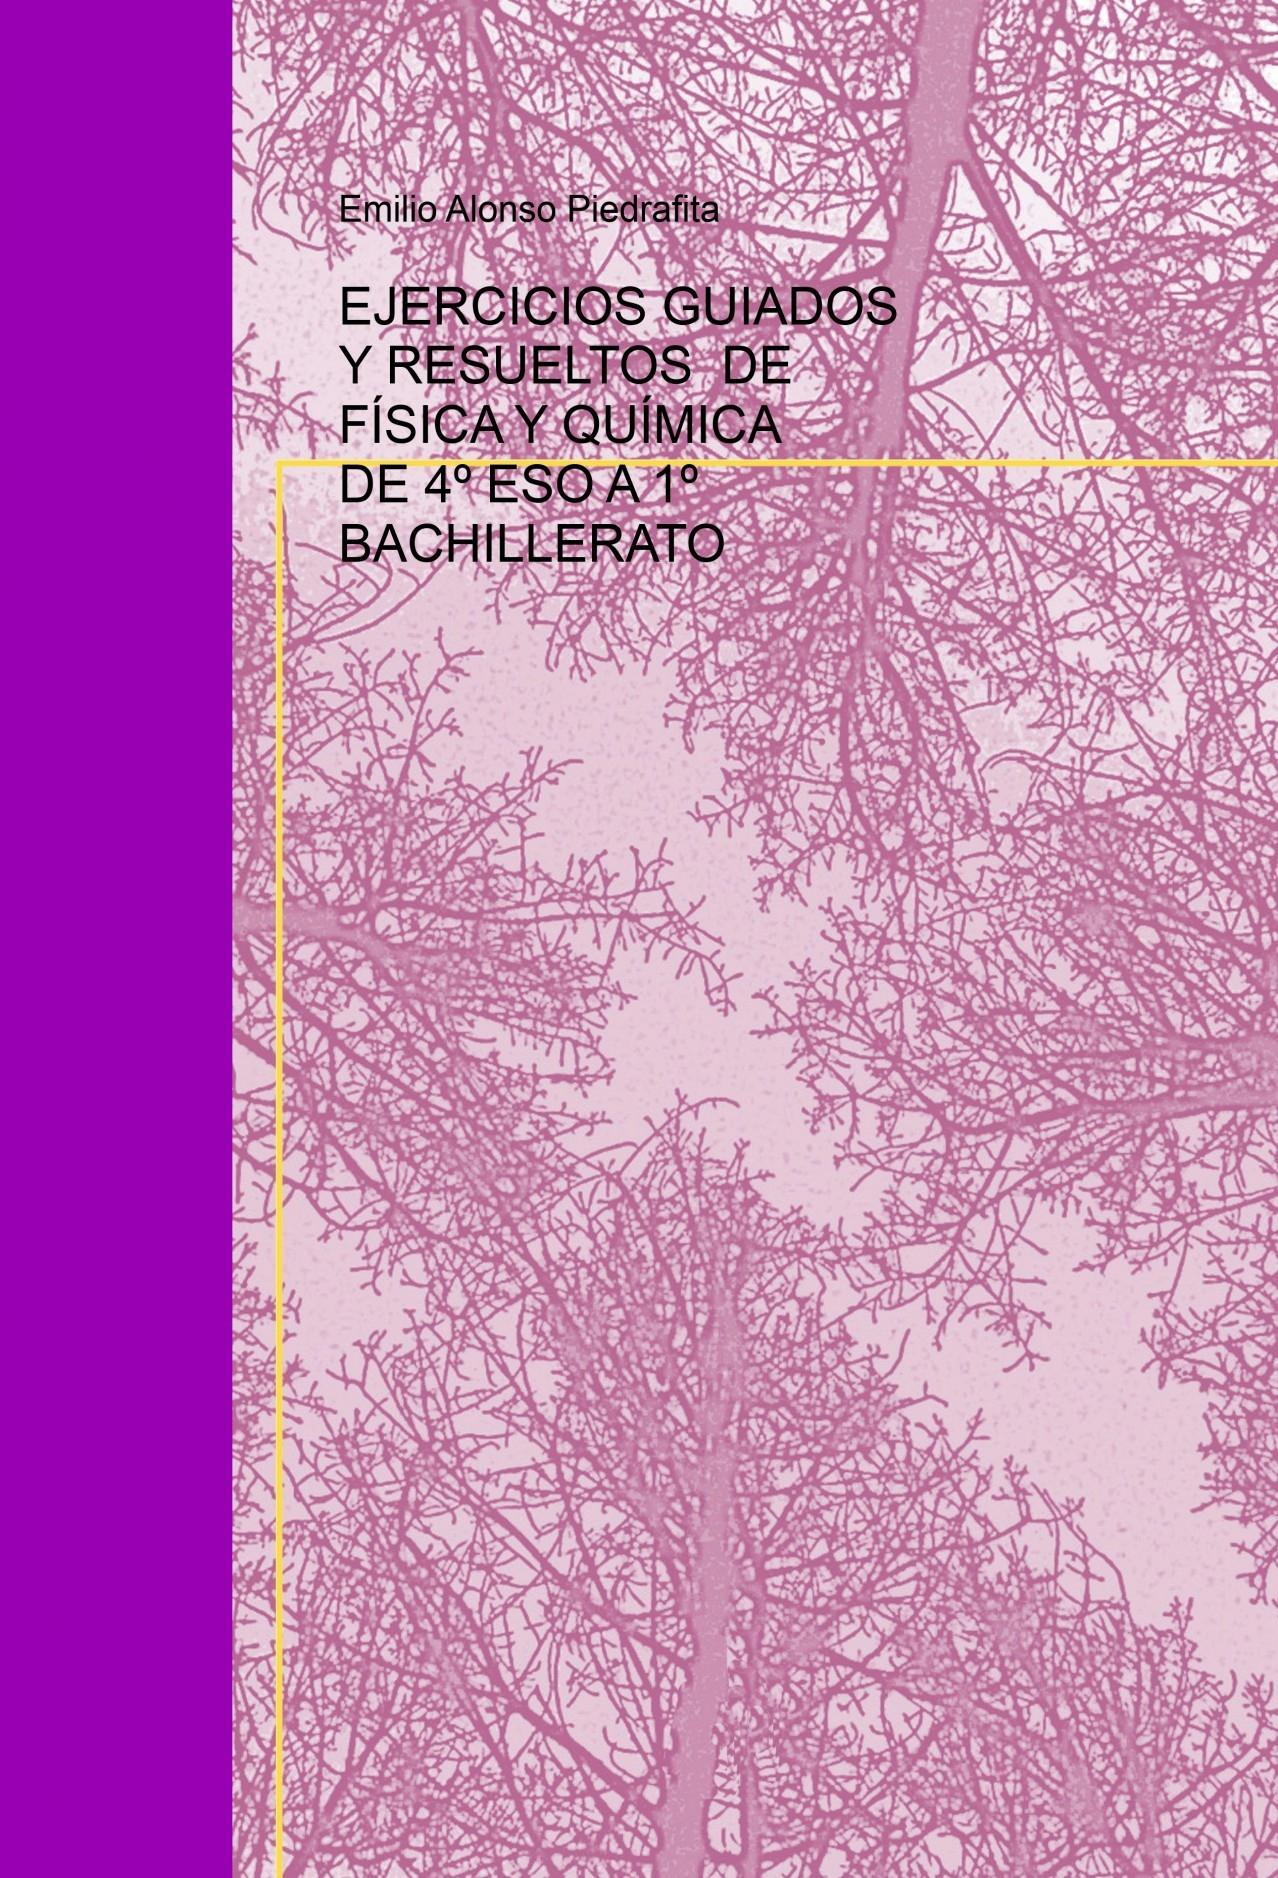 EJERCICIOS GUIADOS Y RESUELTOS DE FÍSICA Y QUÍMICA DE 4º ESO A 1º  BACHILLERATO